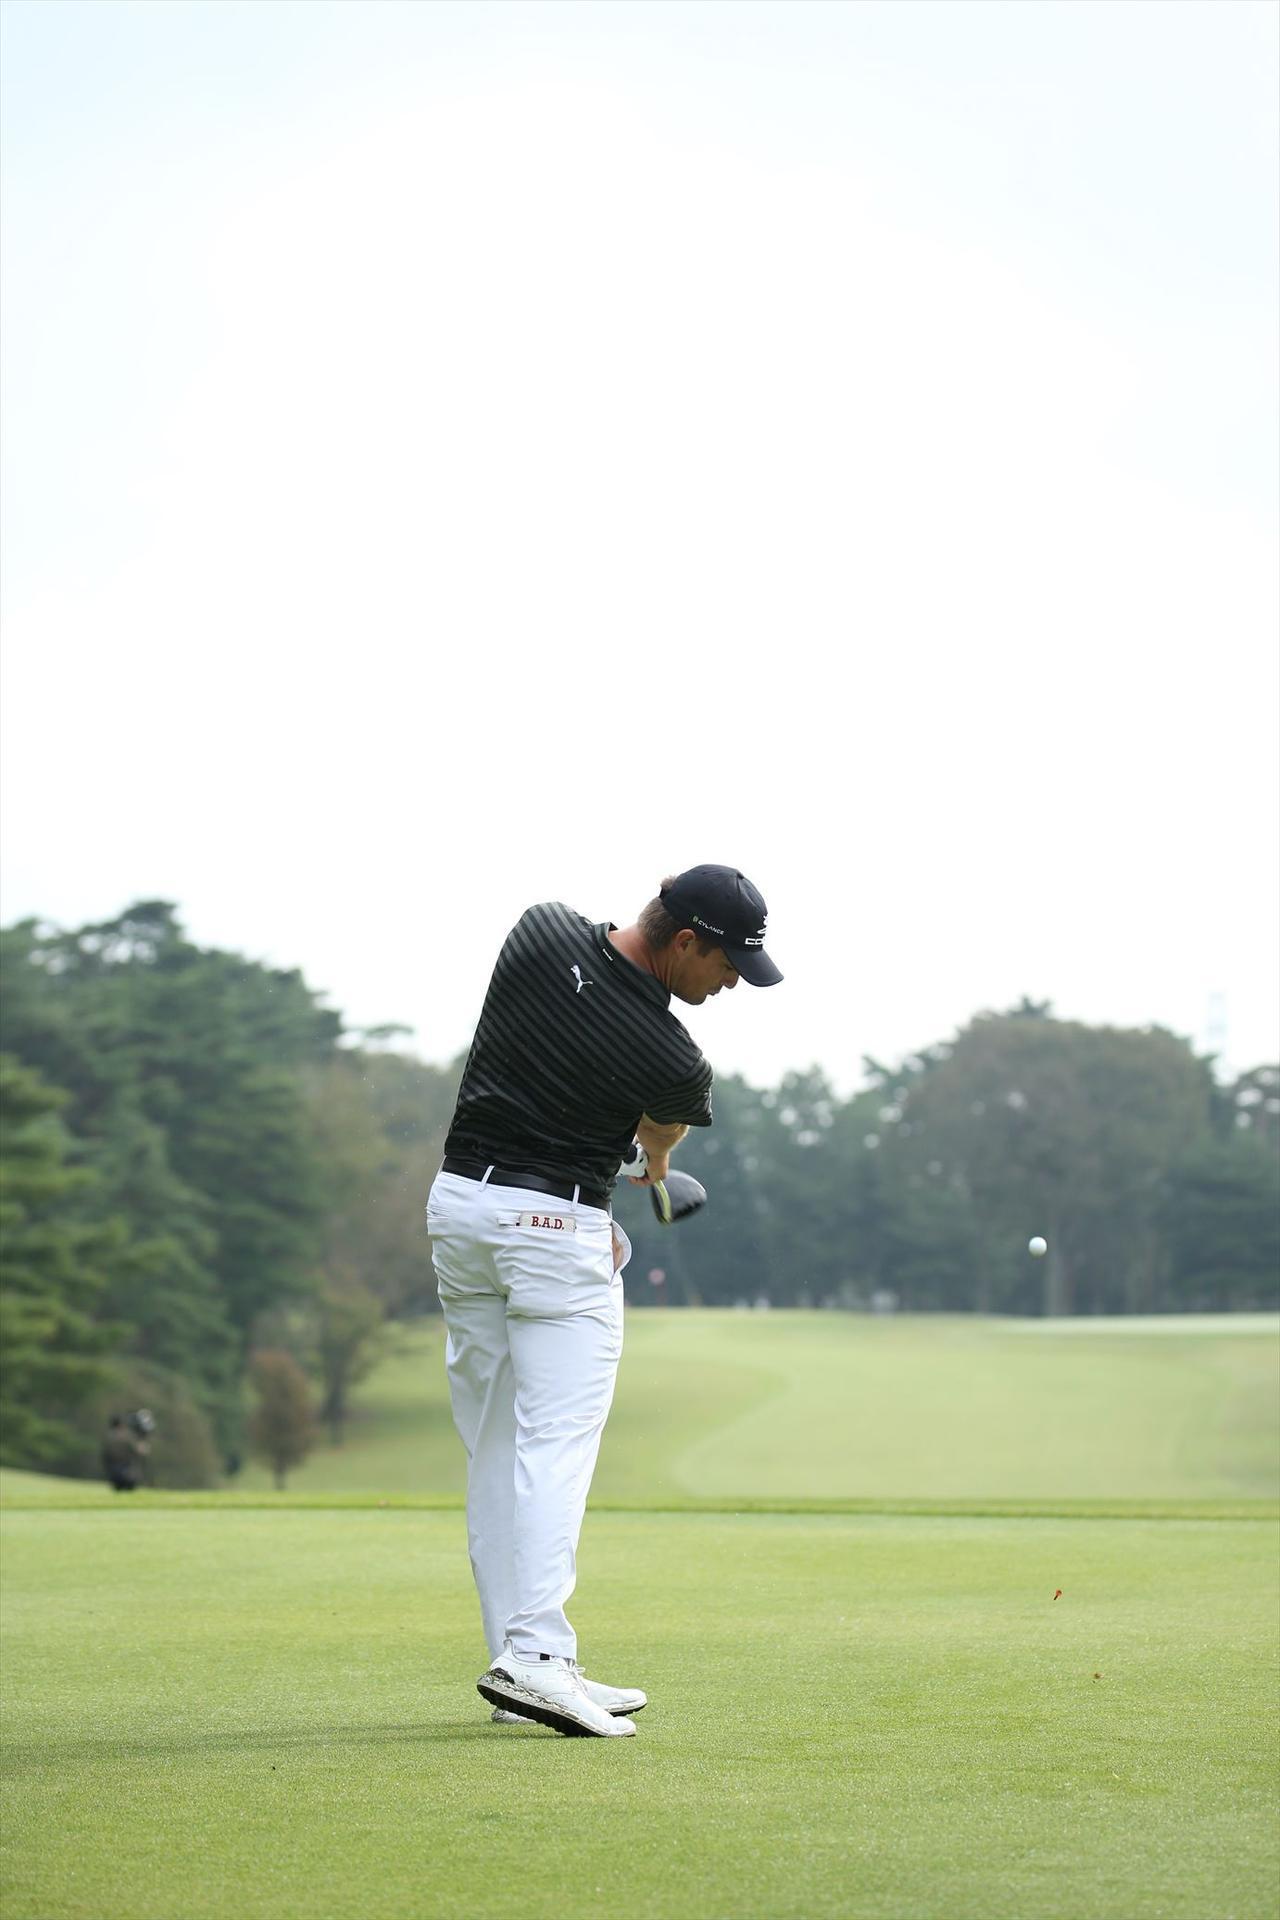 """画像12: ついに勝った「ゴルフの科学者」デシャンボーの""""マシン打ち""""【勝者のスウィング】"""